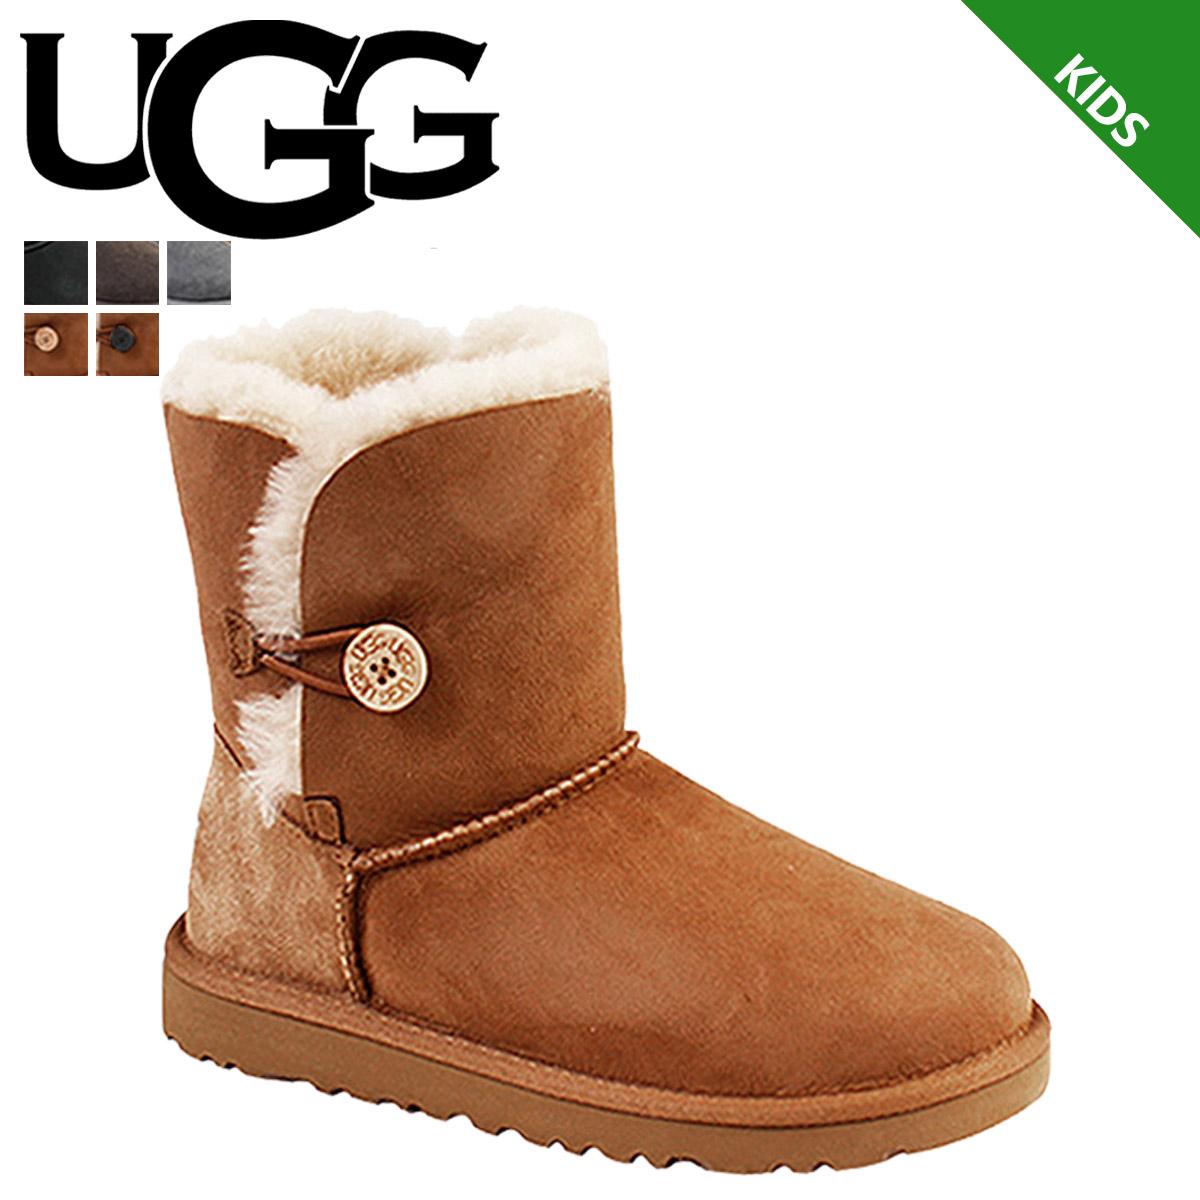 840d1d88c3e アグ UGG kids Bailey button mouton boots KIDS BAILEY BUTTON 5991 5991K 5991KK  sheepskin